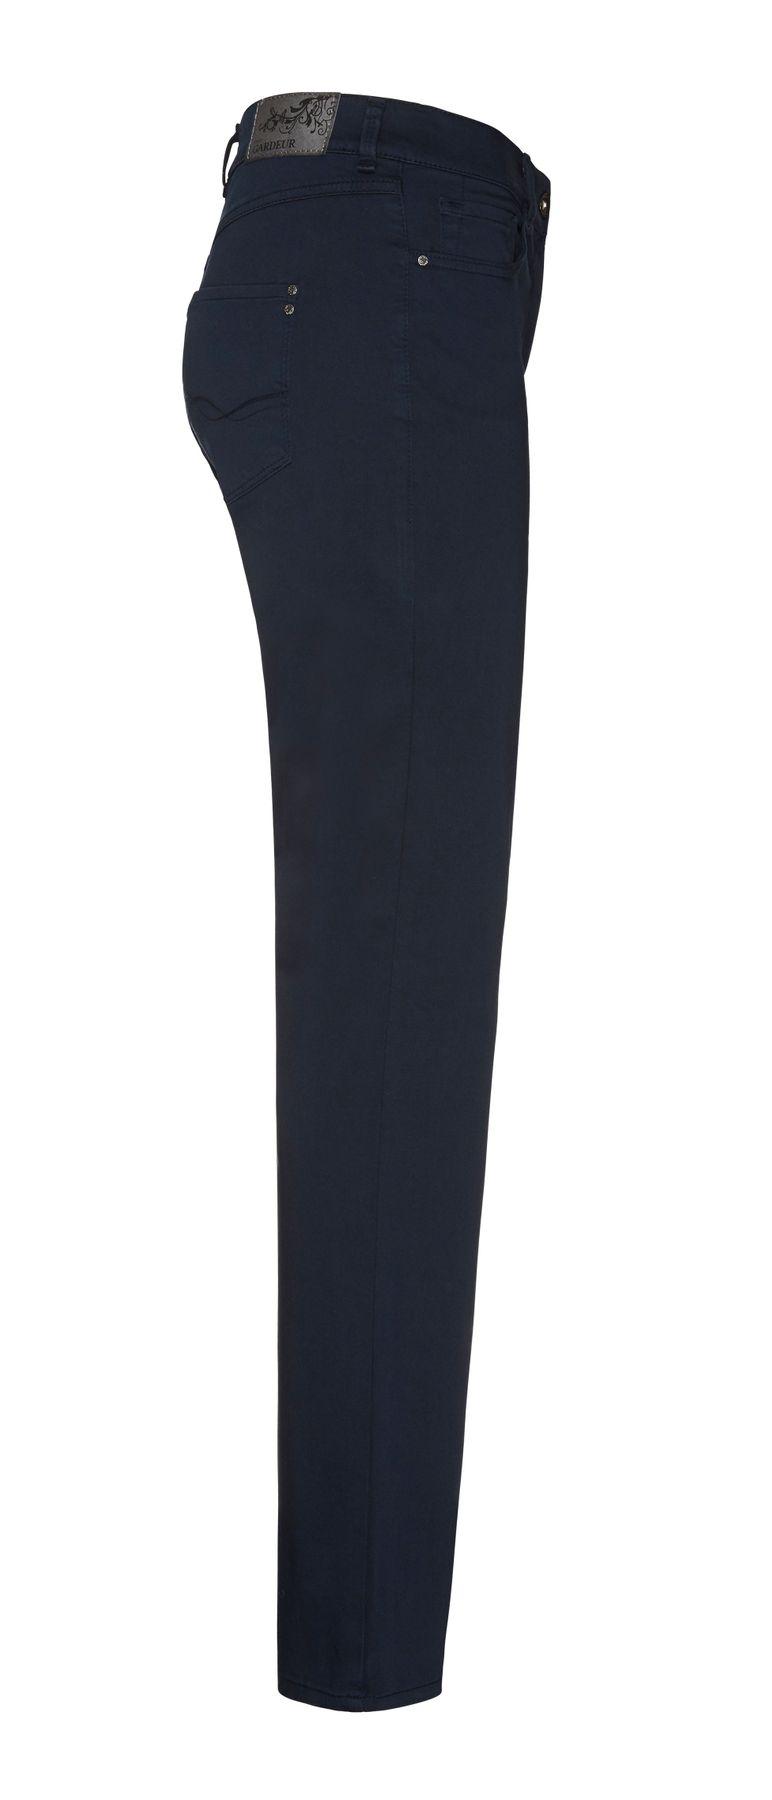 Atelier Gardeur - Straight Fit - Damen 5-Pocket - Inga (080501) – Bild 16